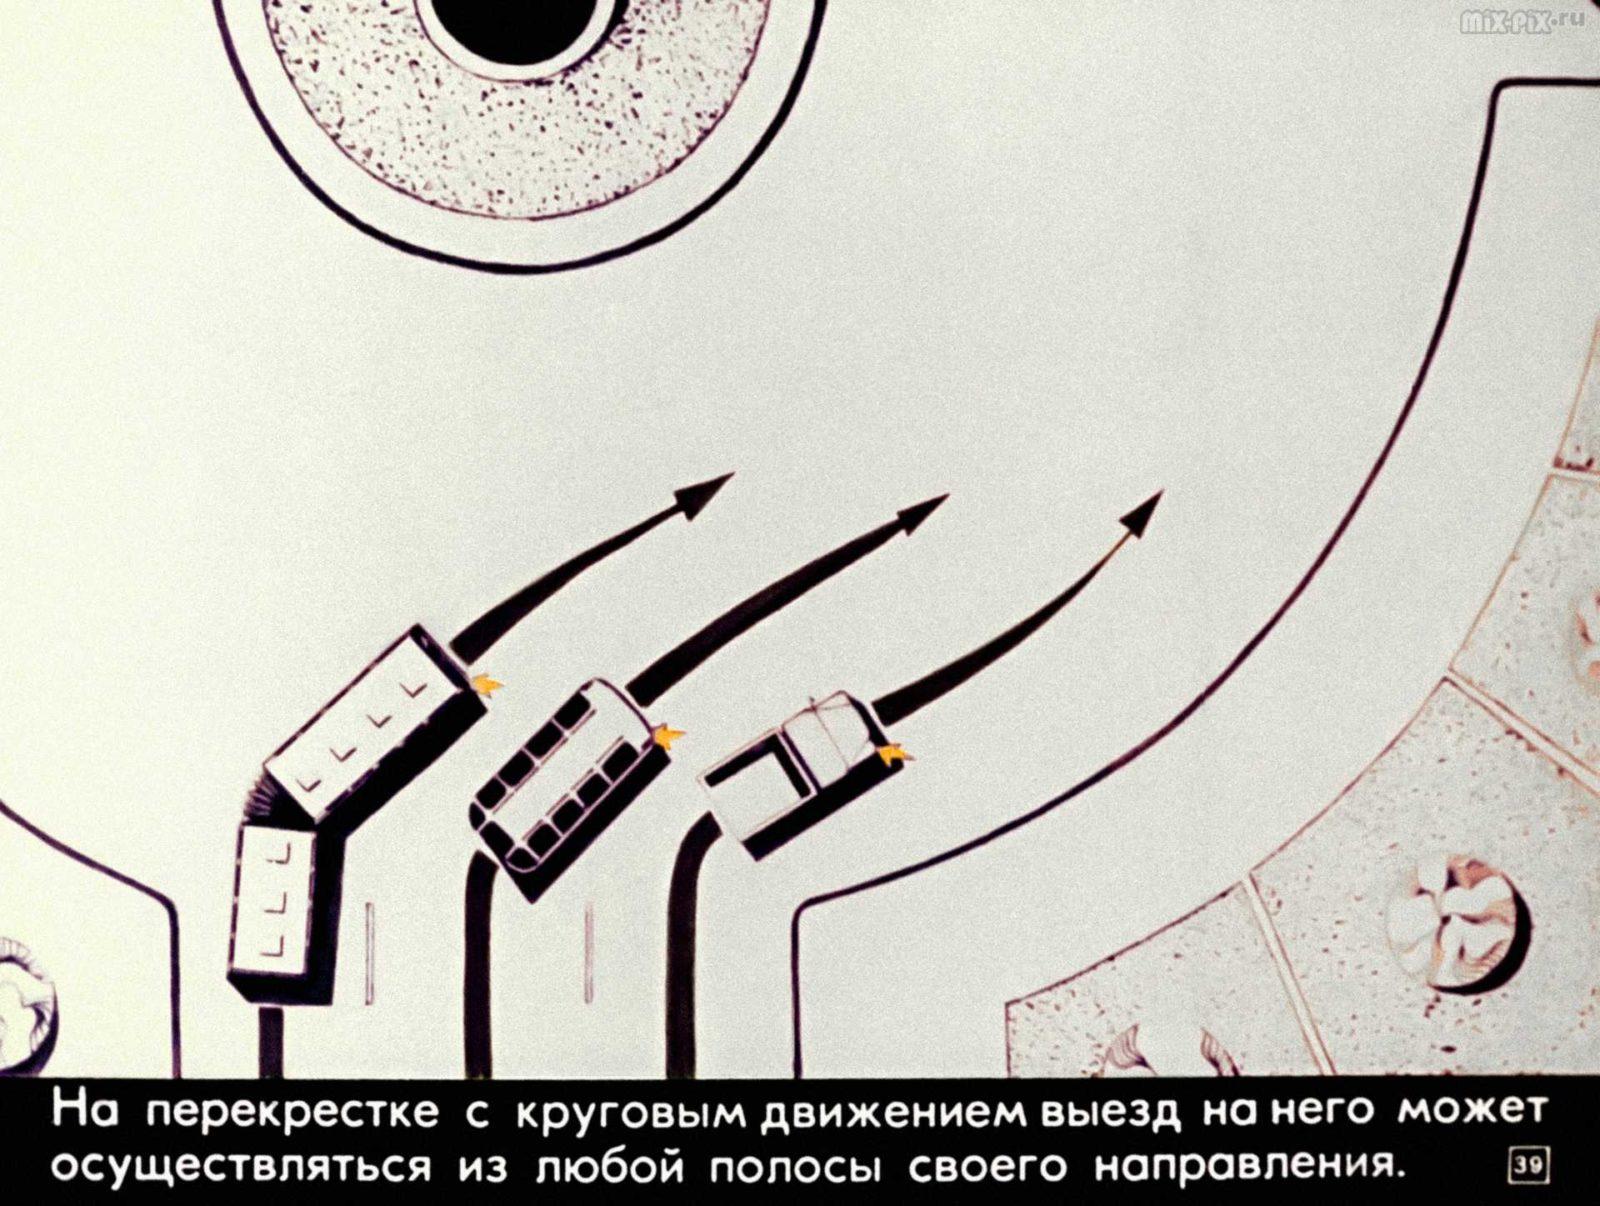 Правила дорожного движения. Расположение транспортных средств на проезжей части. Начало движения. Маневрирование (1983) 49